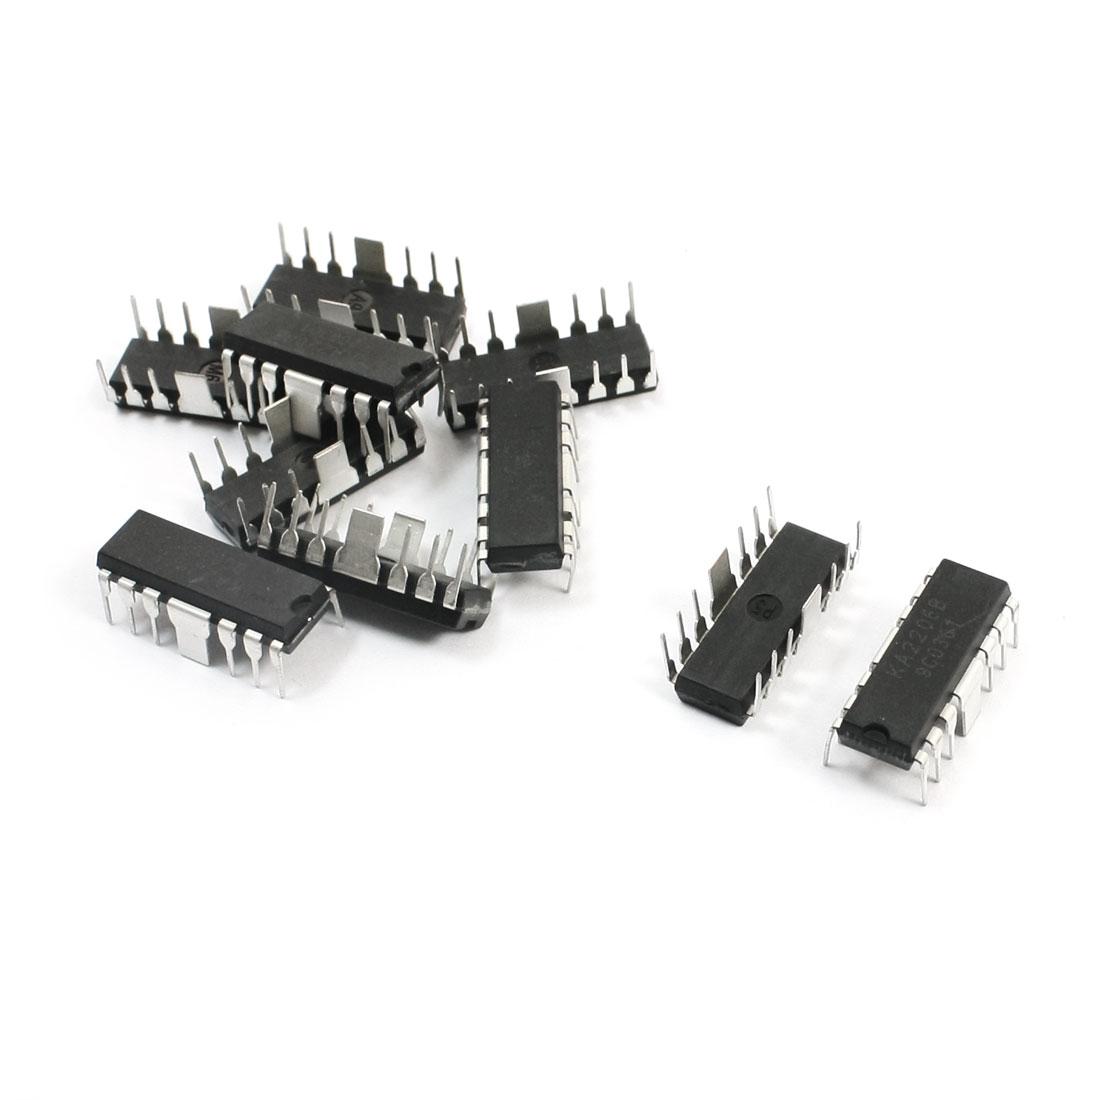 10Pcs KA2206B 2-channel DIP 14Pin Audio Stereo Bridge Power Amplifier